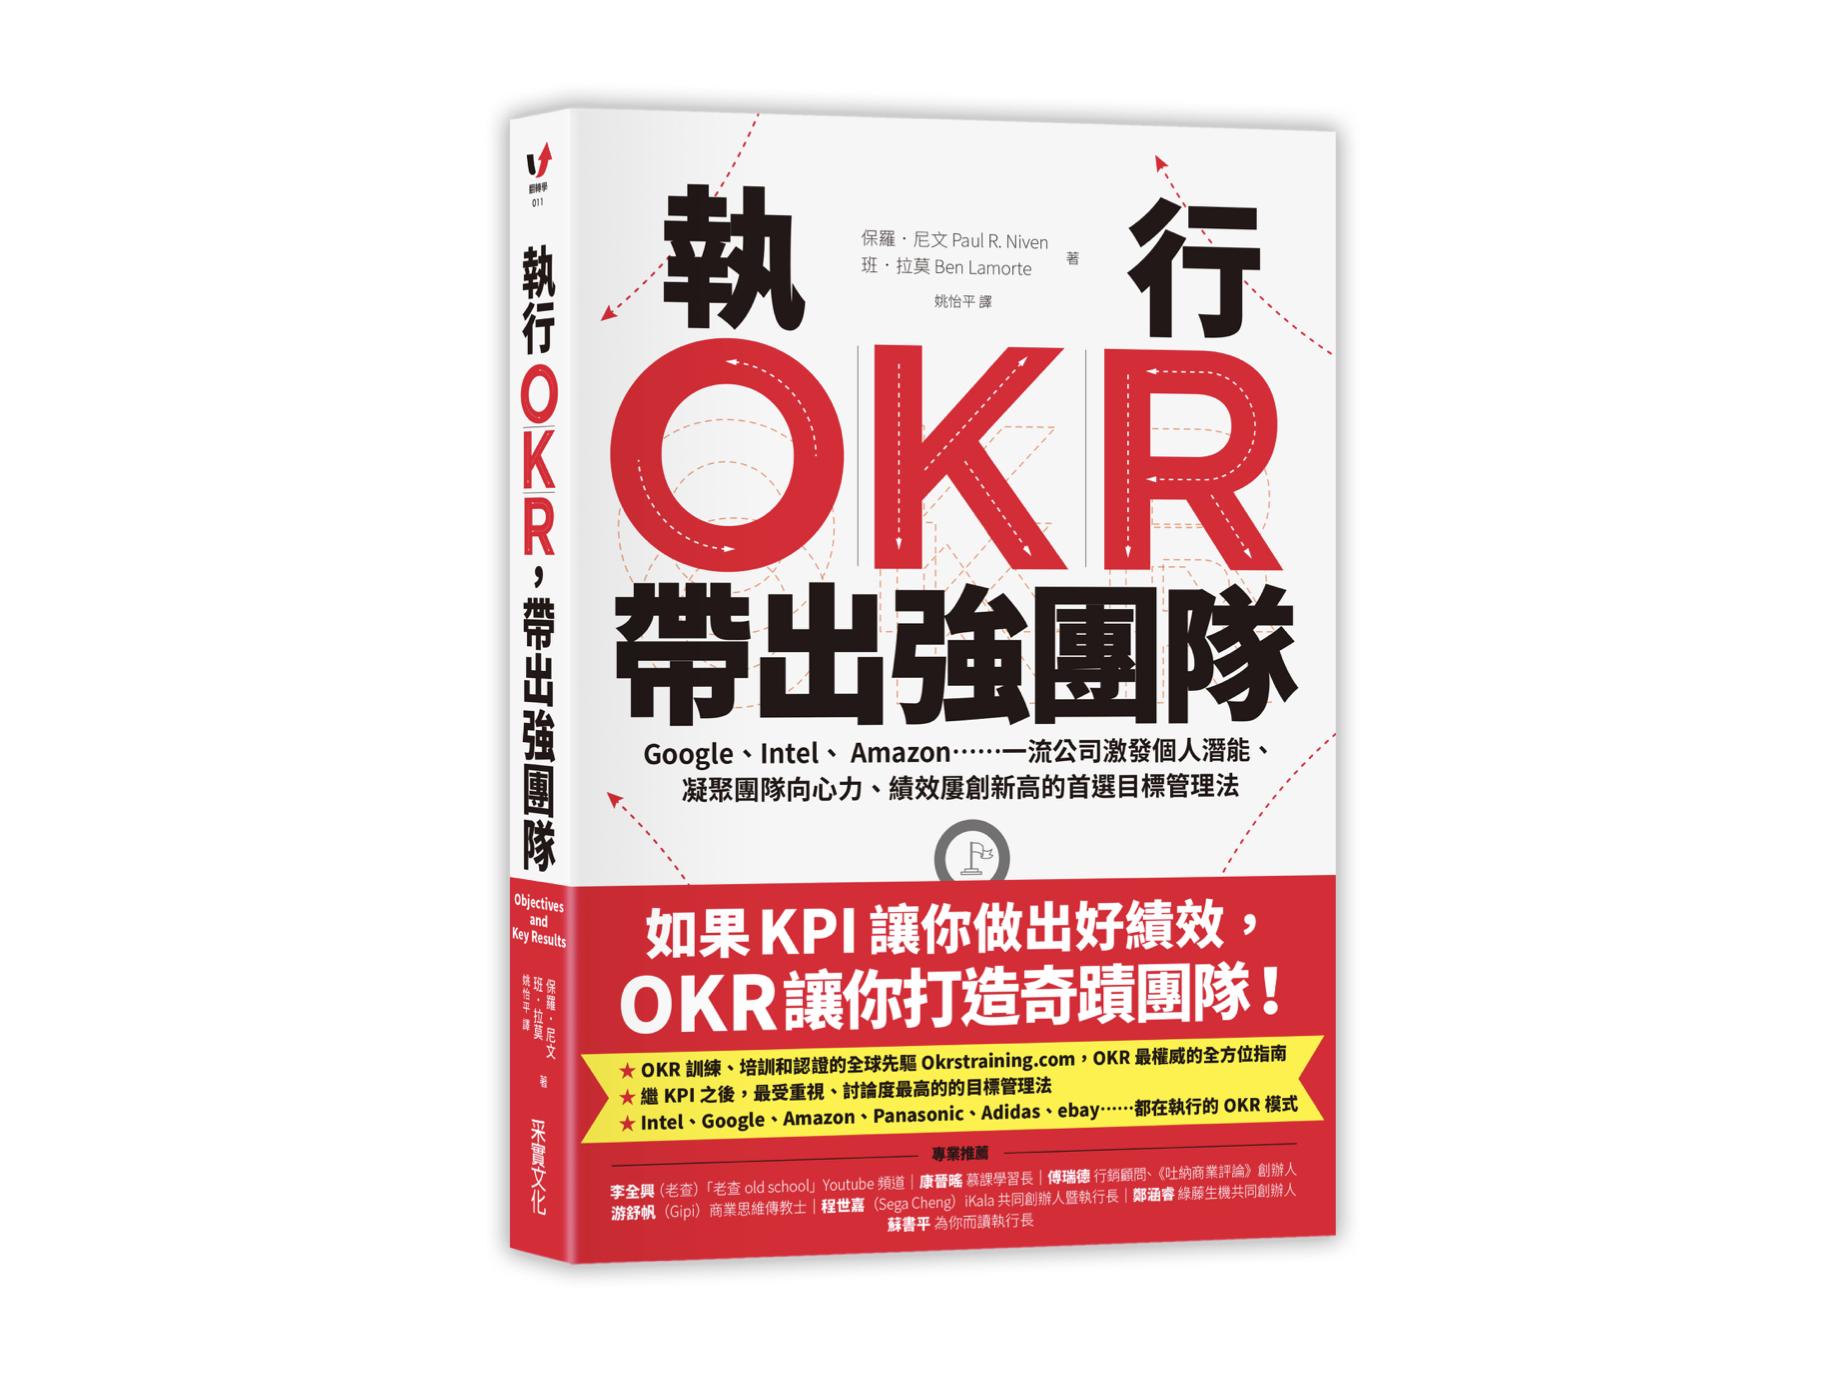 新書搶先看》Google、Intel、 Amazon都在用的「OKR目標管理法」,完整解析